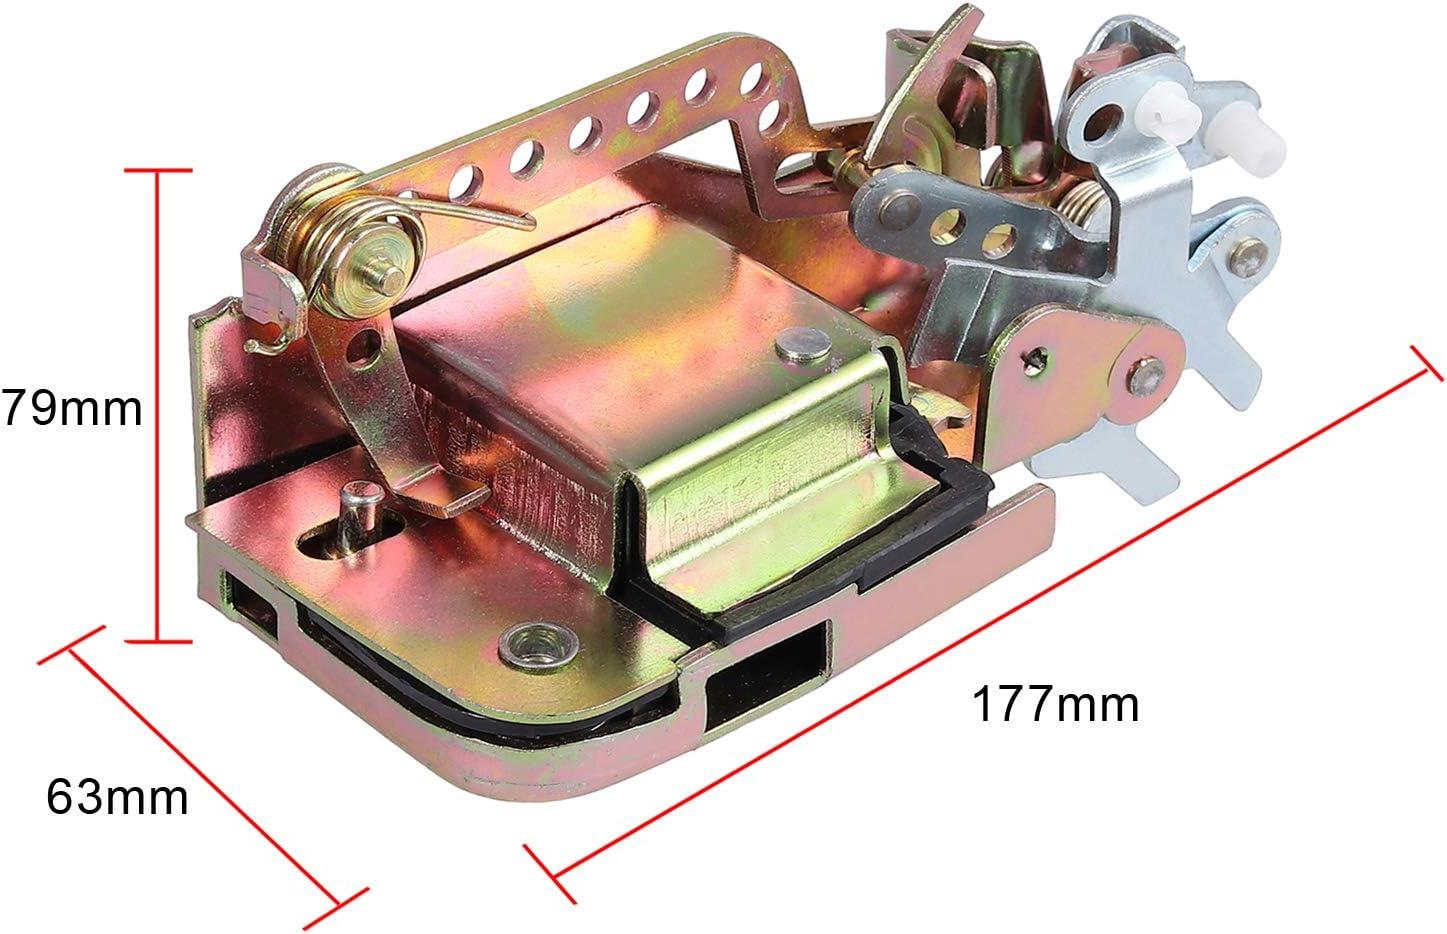 Amazon.es: Proster 701837015D Mecanismo de bloqueo de la puerta delantera izquierda del coche Compatible con Transporter T4 1990-2003 OE 701837015D Cerradura de metal para puerta